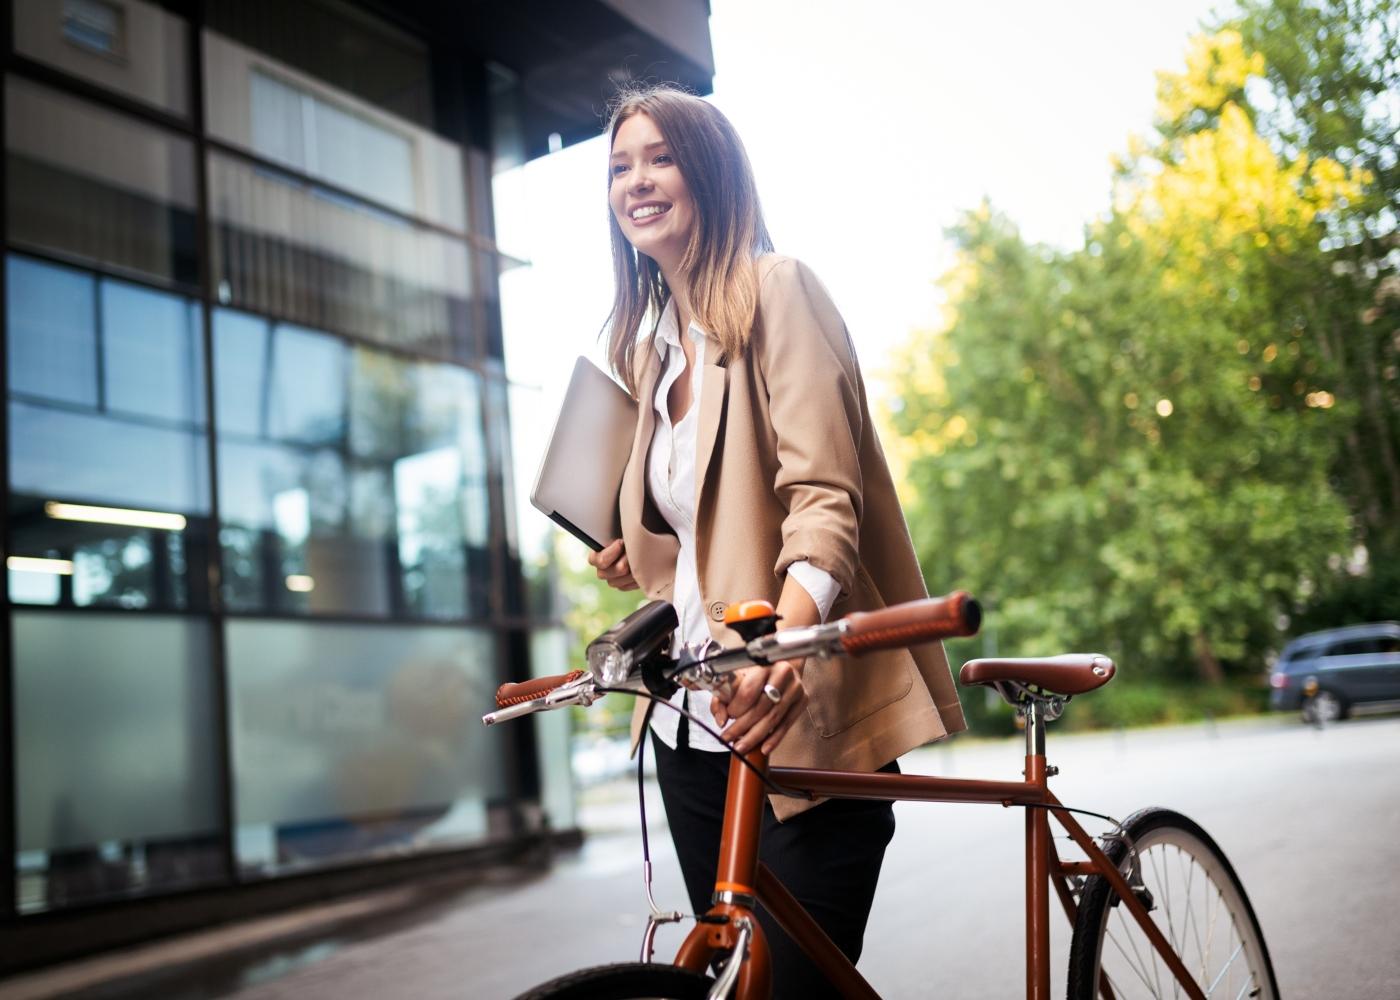 jovem com bicicleta para o trabalho